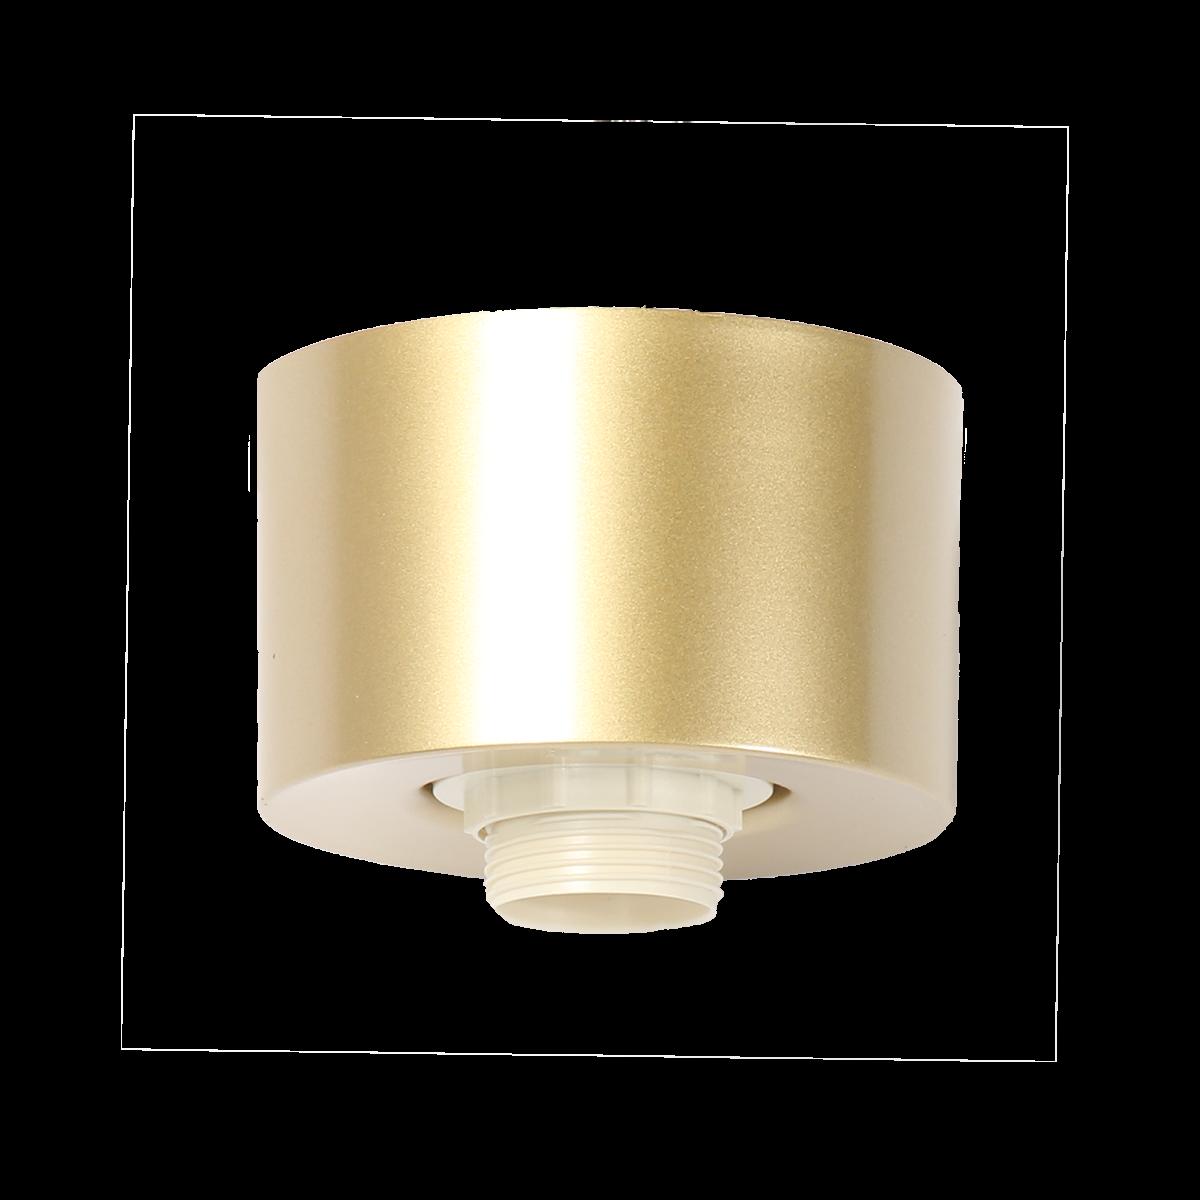 Plafondlamp Ponti goud